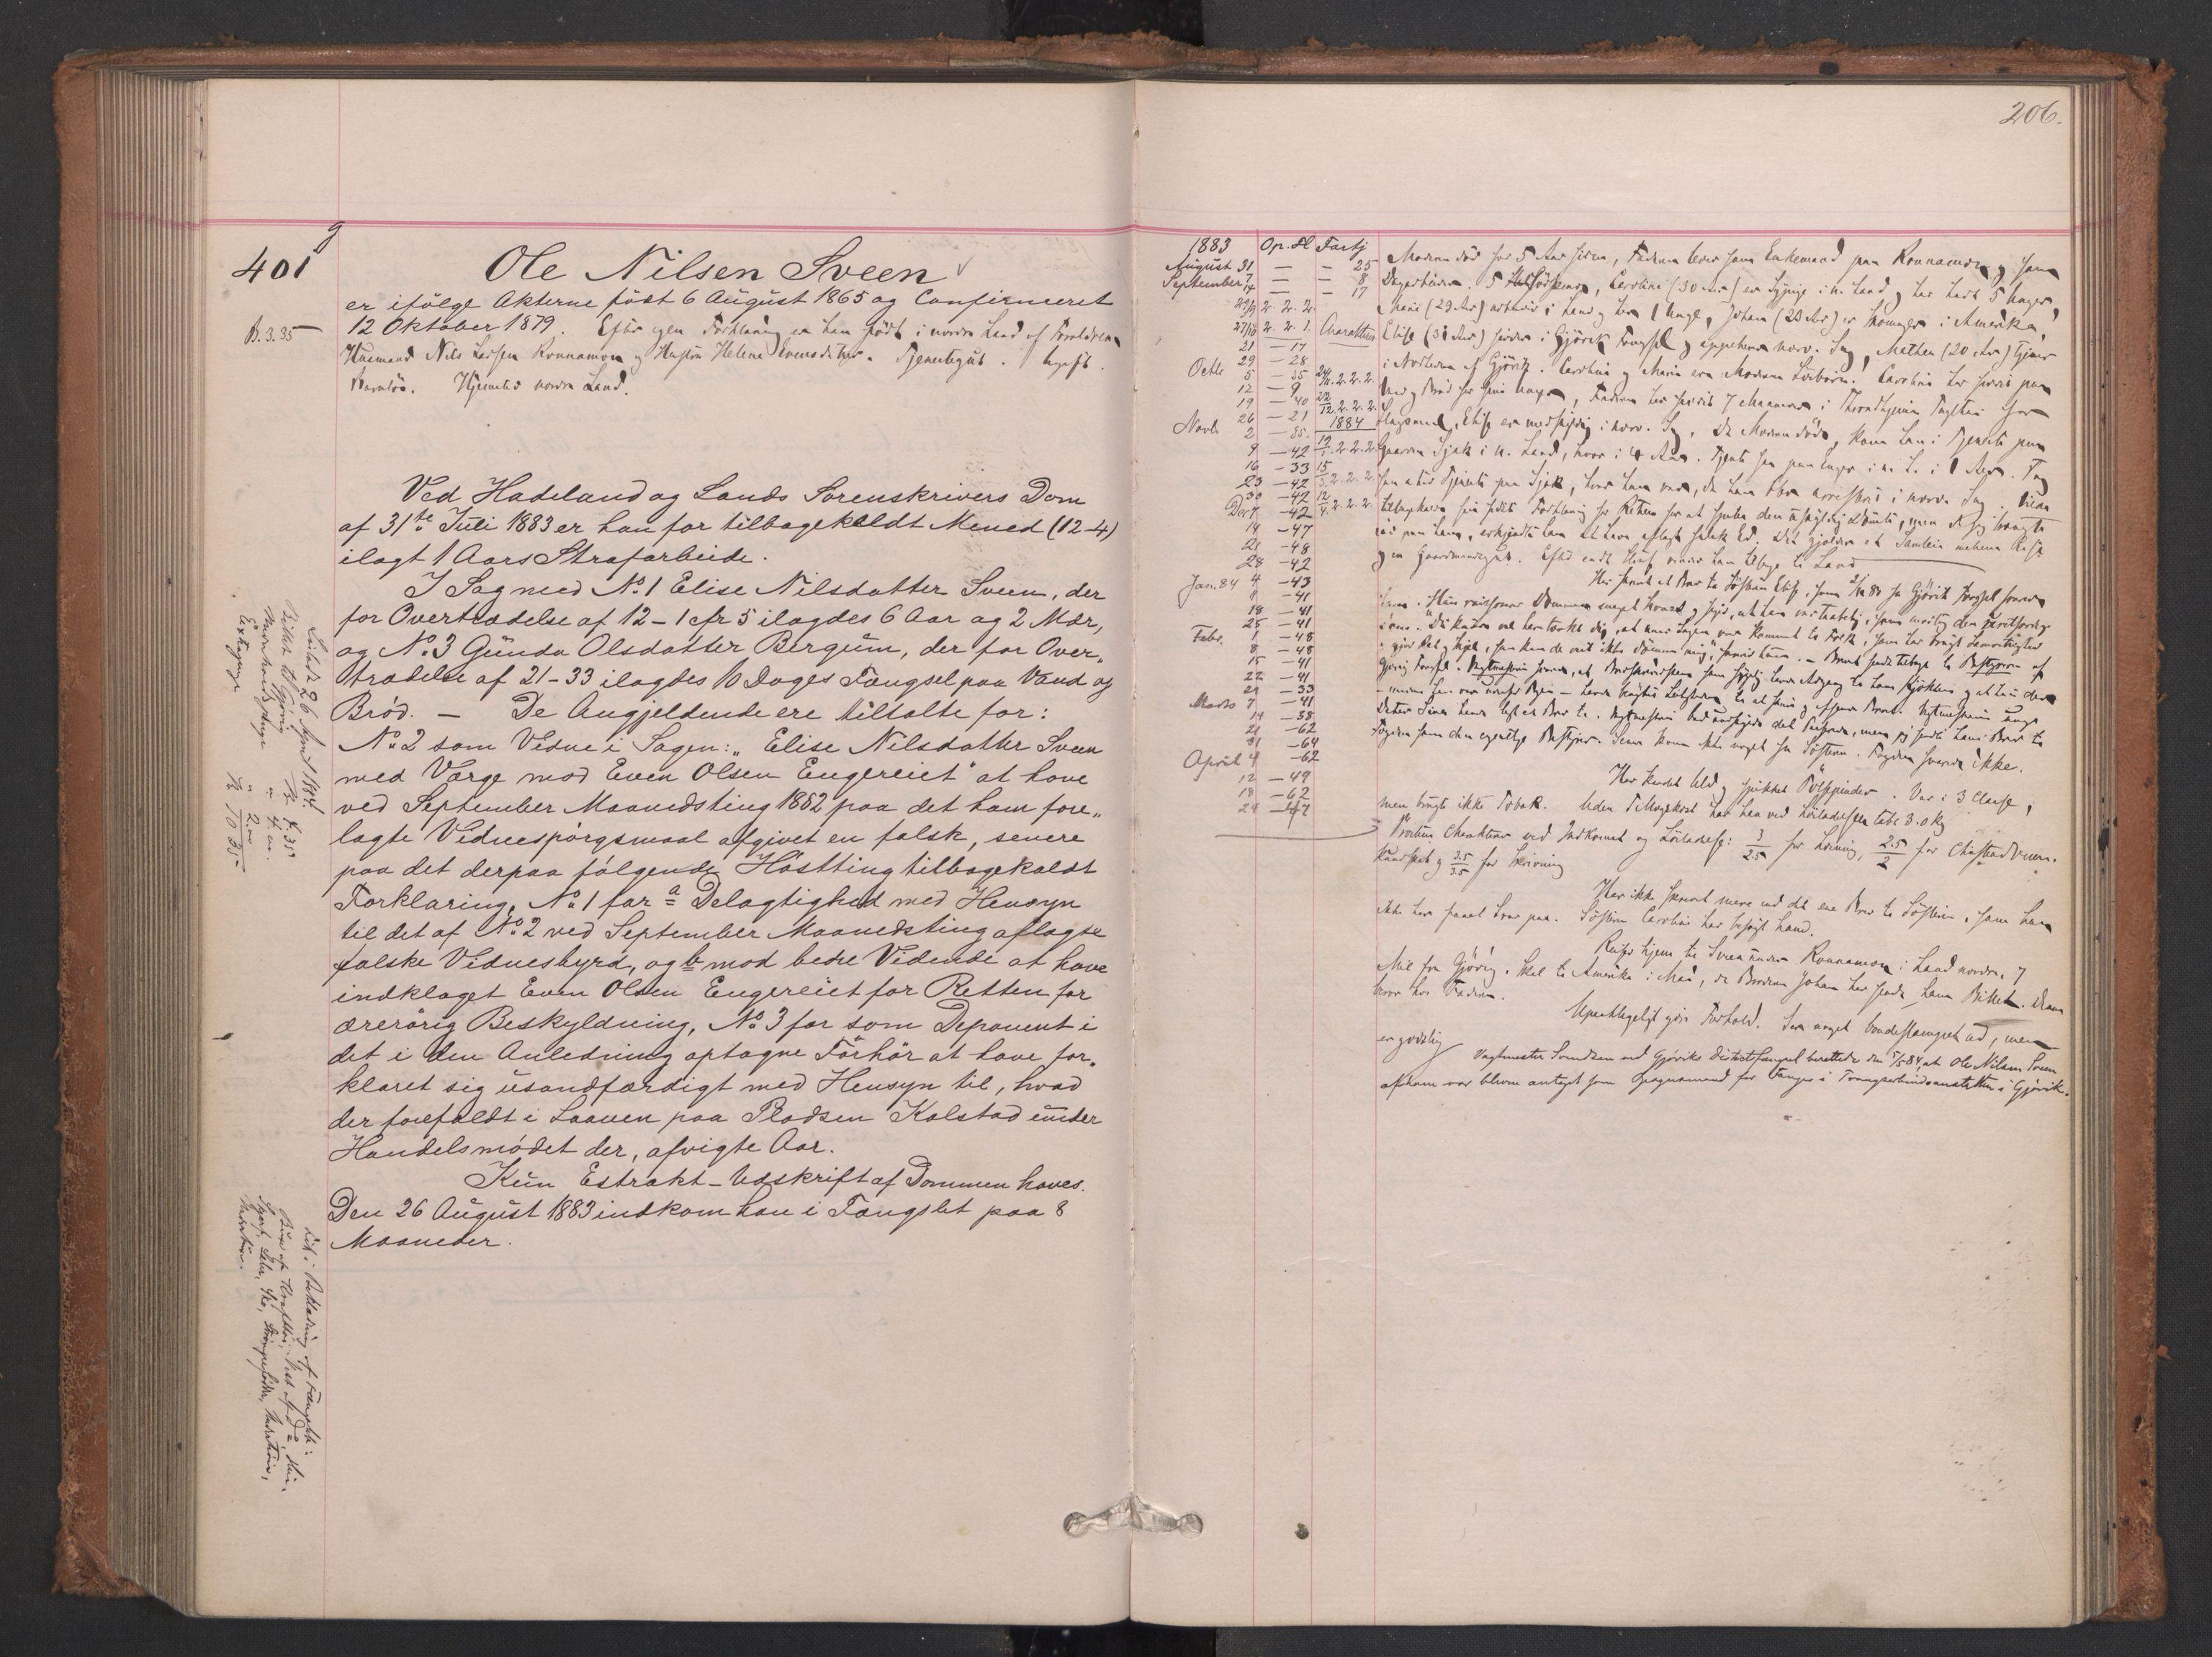 RA, Botsfengslet, D/Db/Dbb/L0021: 196g - 484g, 1882-1884, p. 206